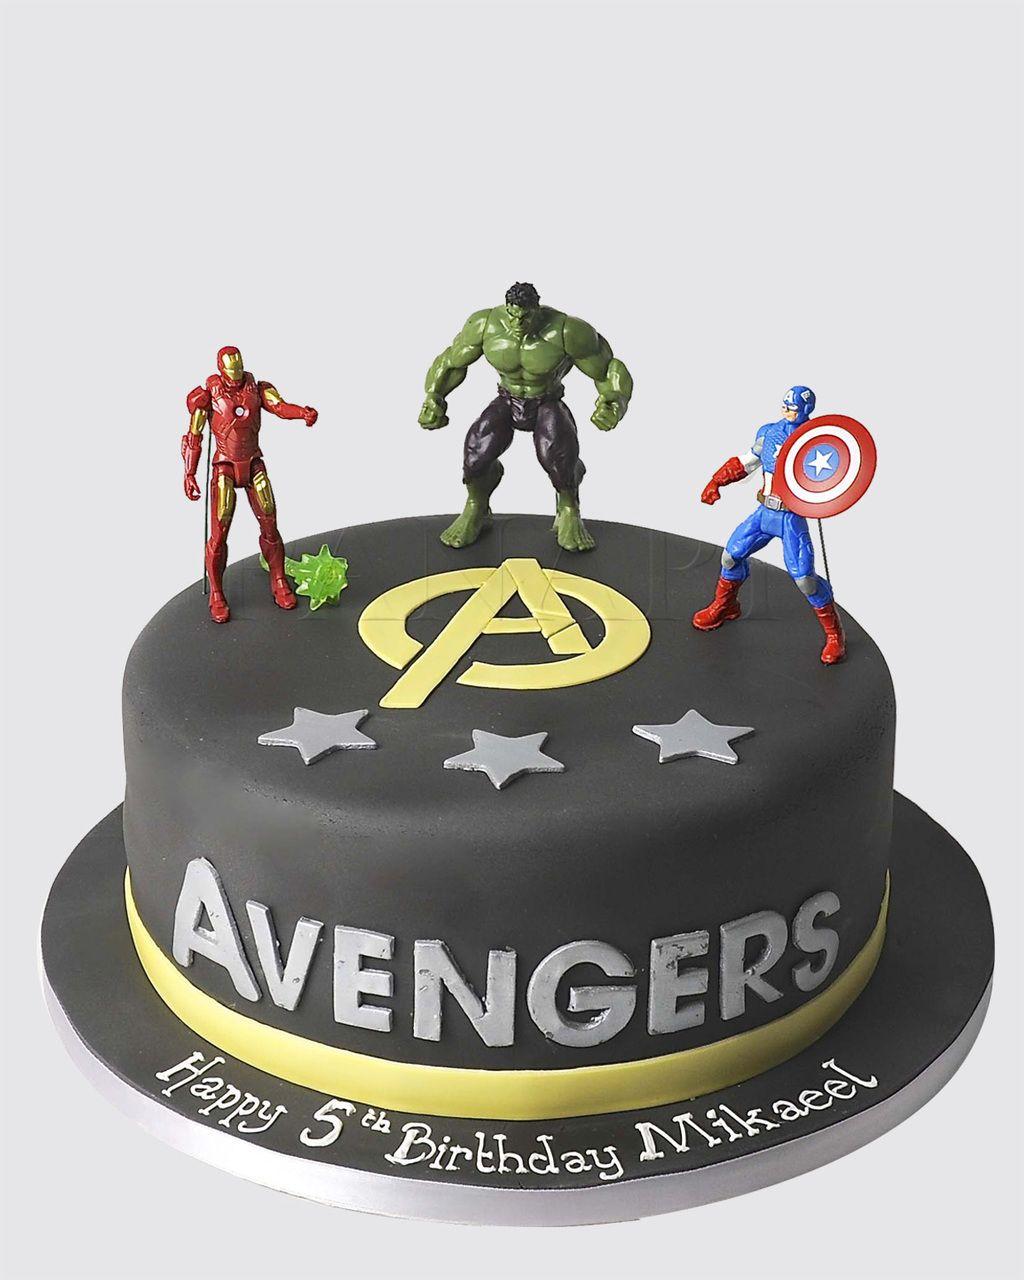 Avengers cake sp4624 avengers birthday cakes avenger